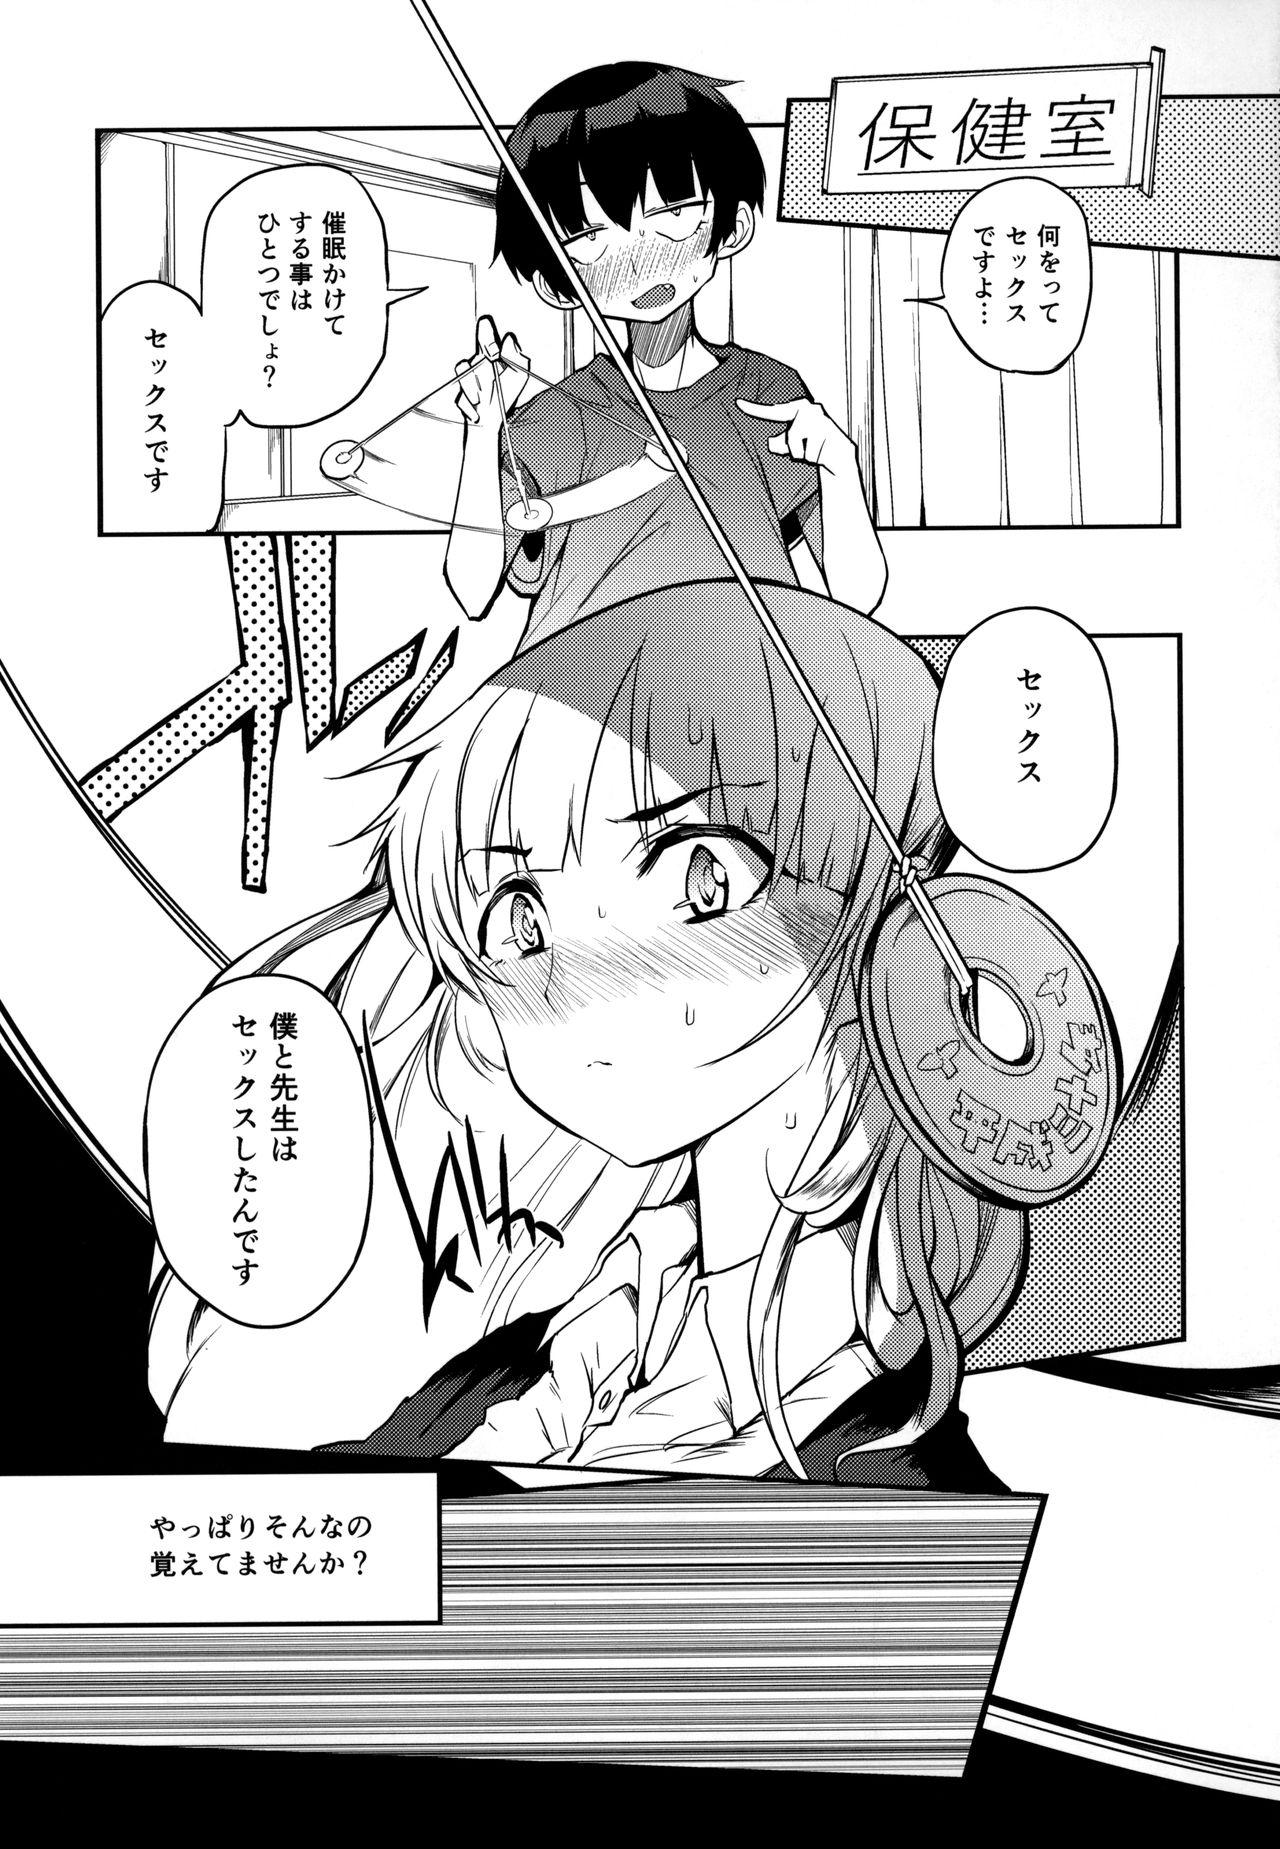 Soku Ochi Sensei Saimin Commentary 3